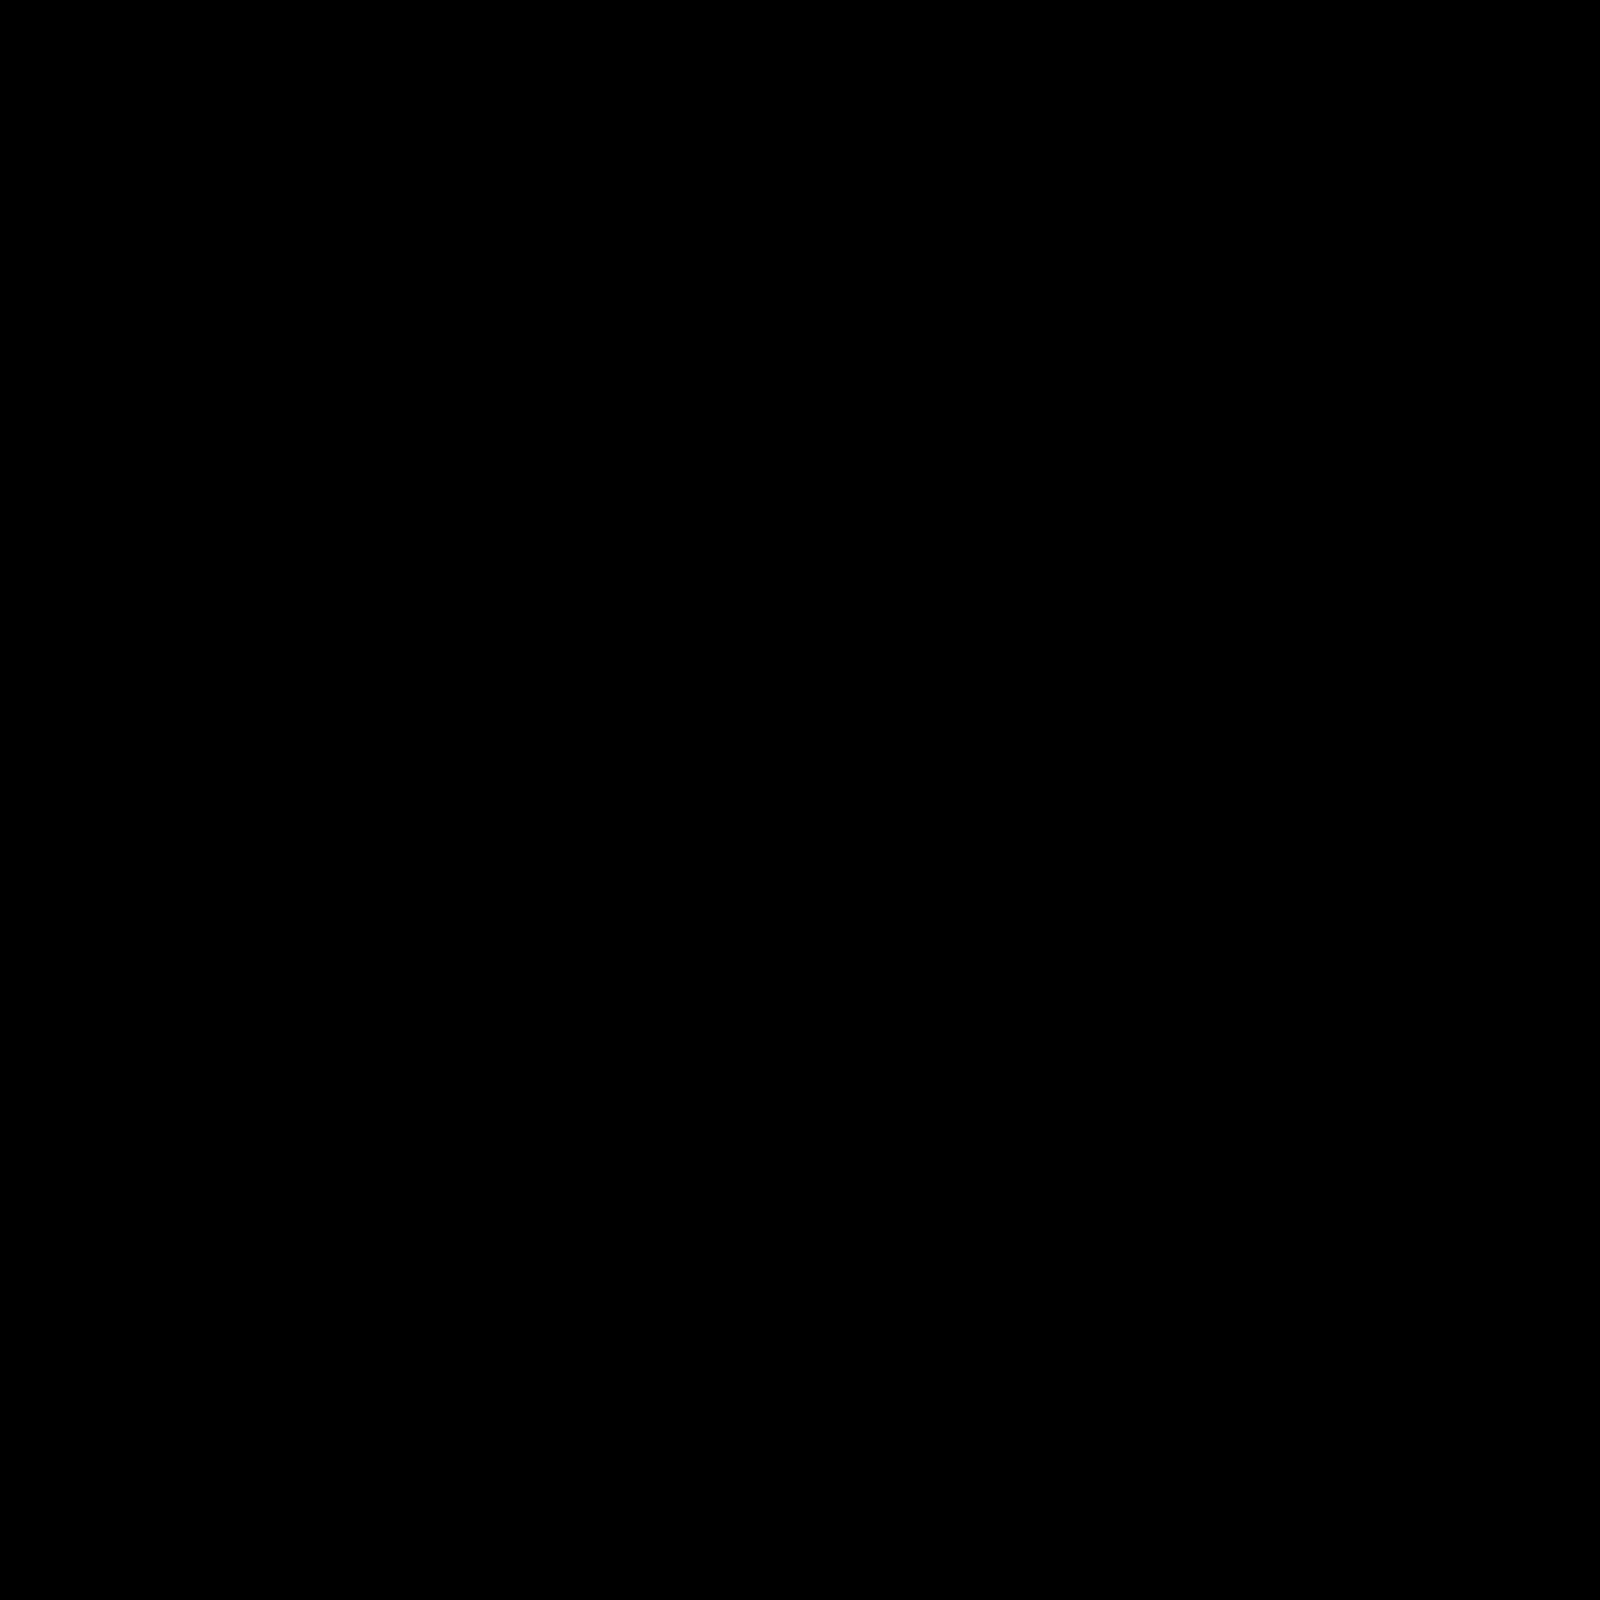 Tabela de Emolumentos 2020